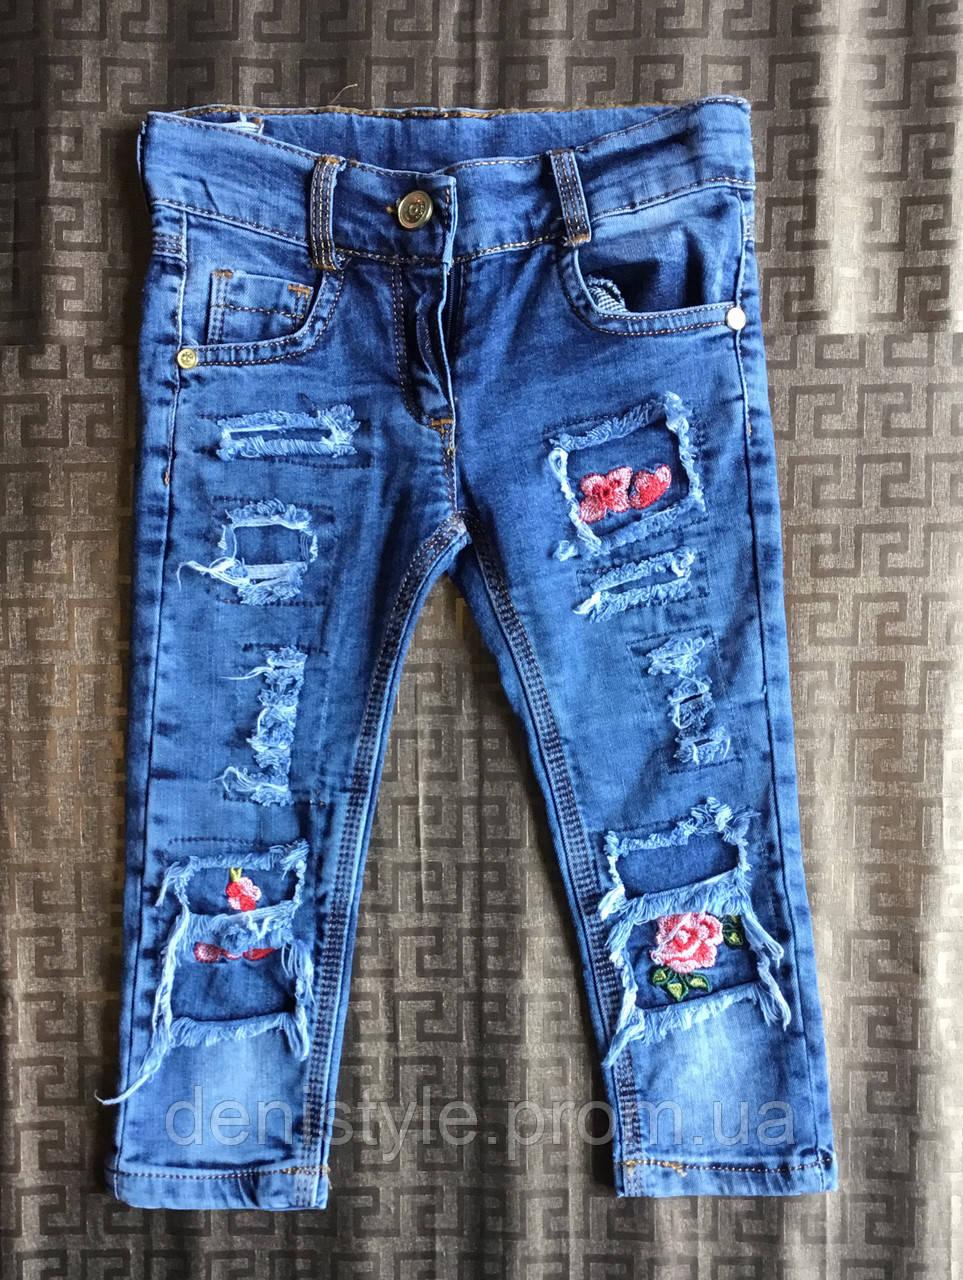 2f6e99e42c418 Джинсы модные для девочек Sercino р-р 3-7 лет: продажа, цена в ...